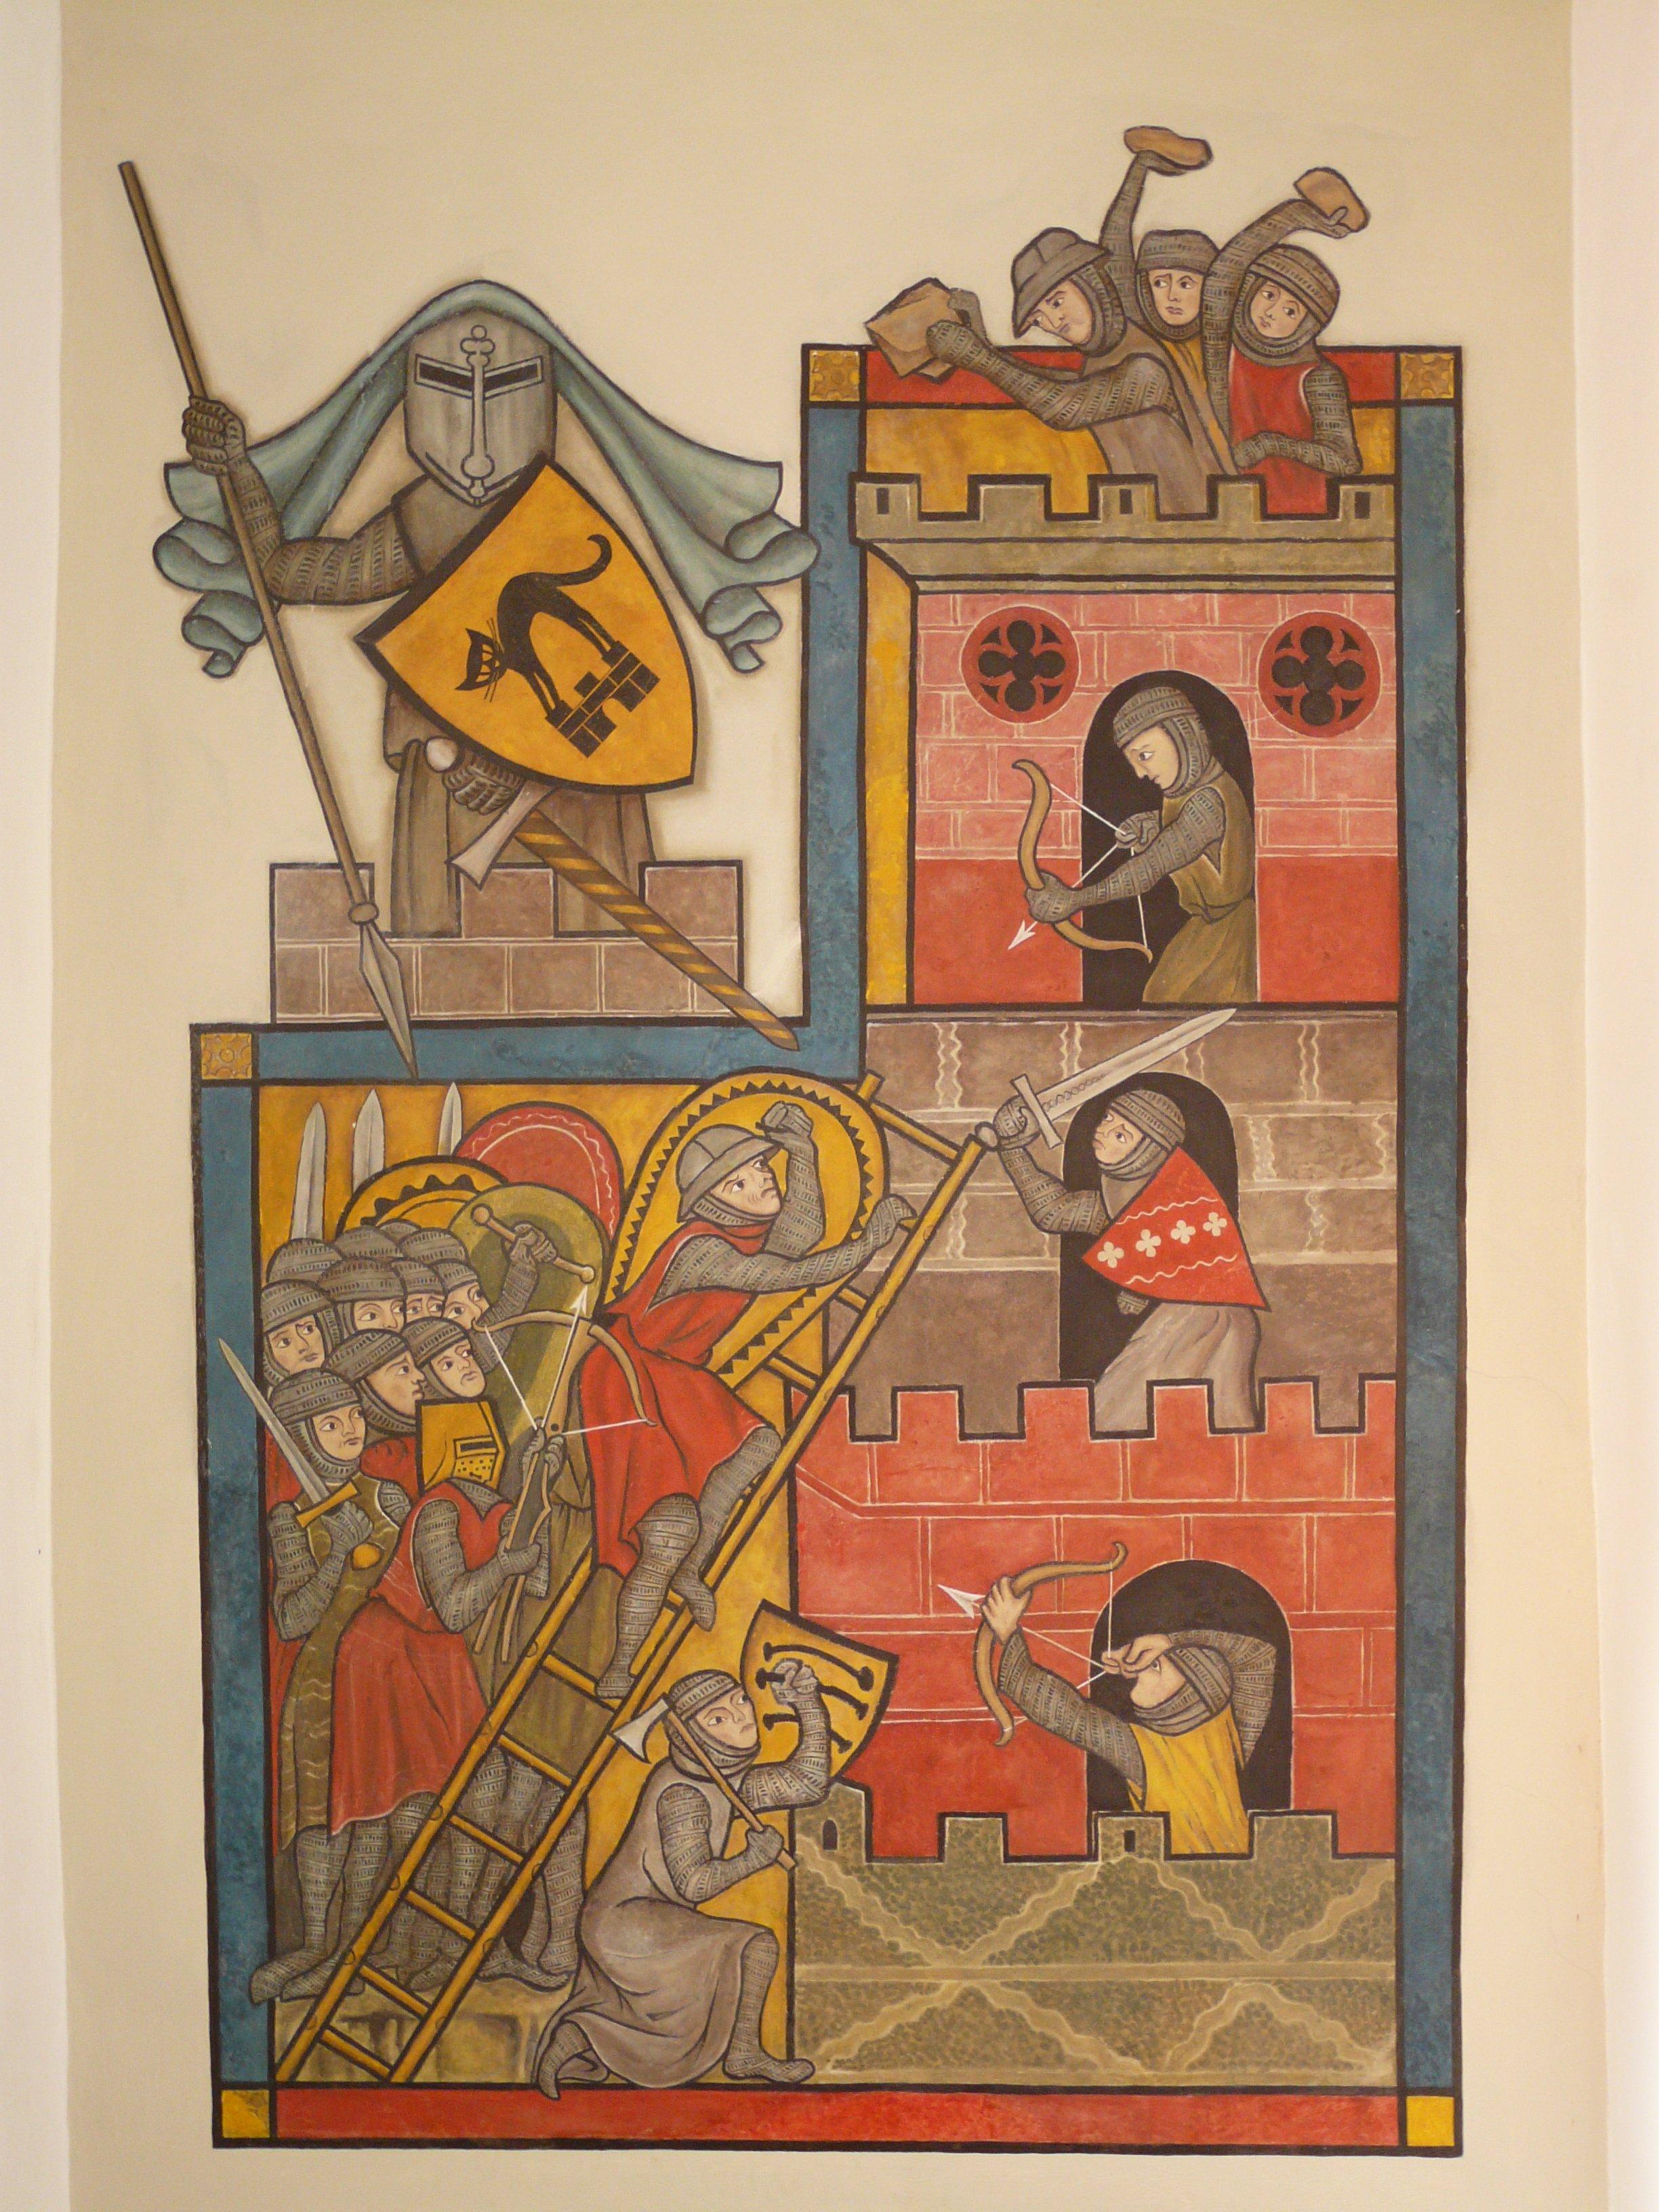 Gambar Jendela Kastil Pedang Pertarungan Sketsa Gambar